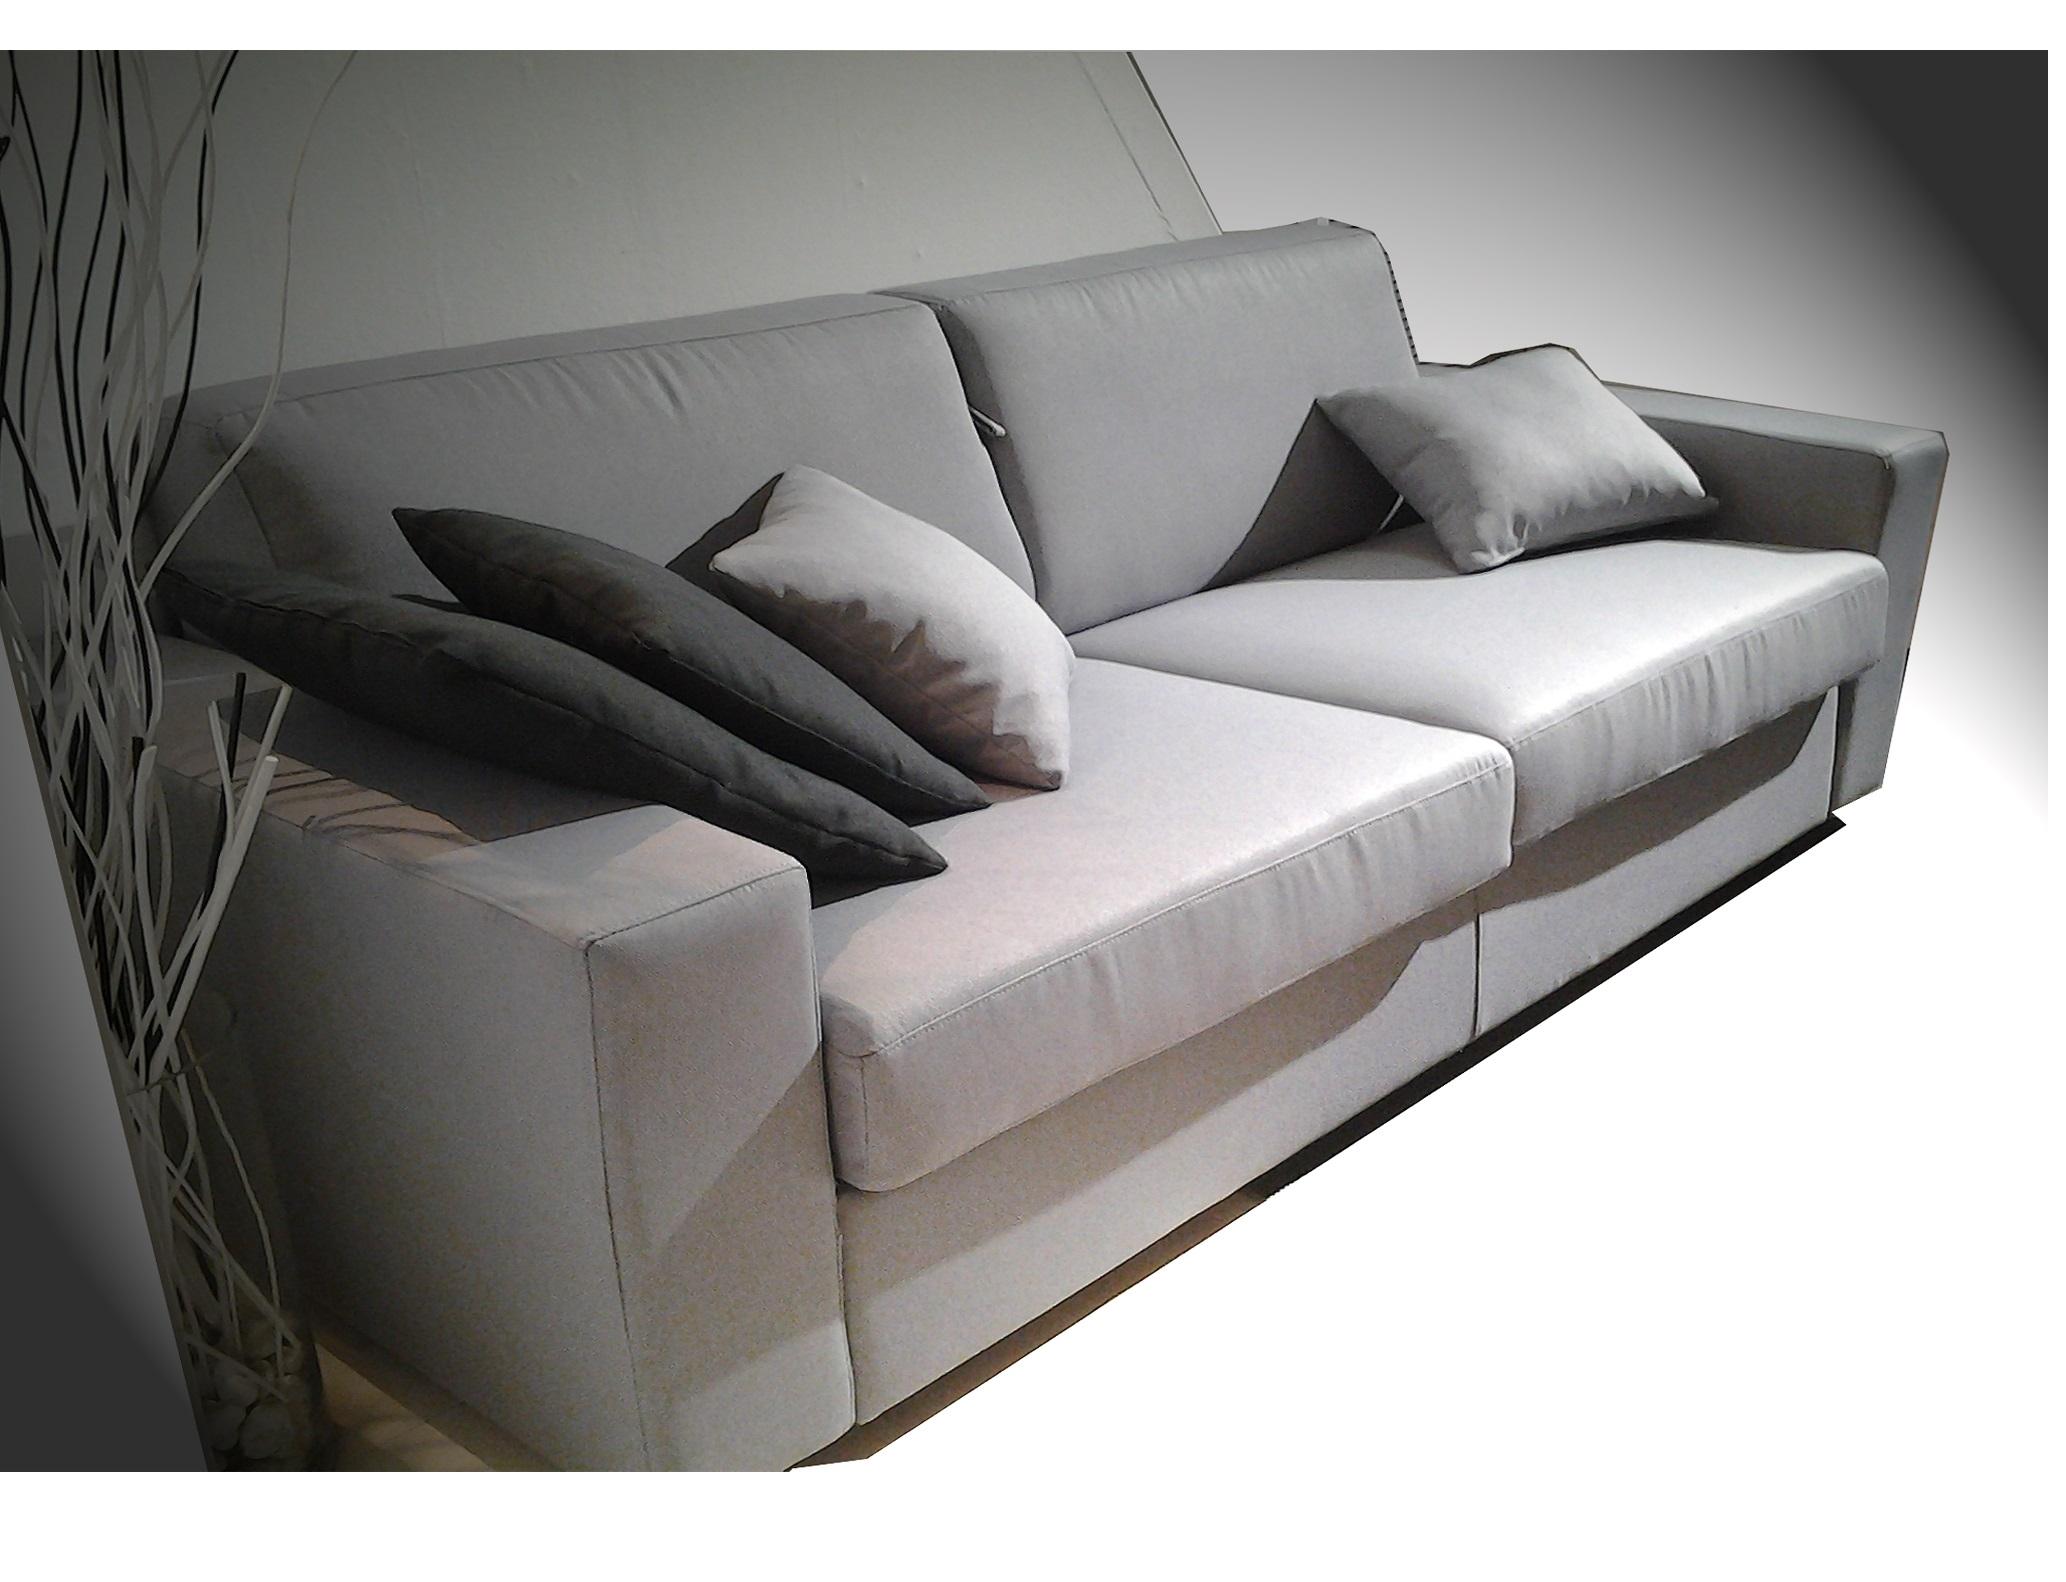 Divano letto biel in offerta sconto 59 divani a prezzi scontati - Divano letto in offerta ...